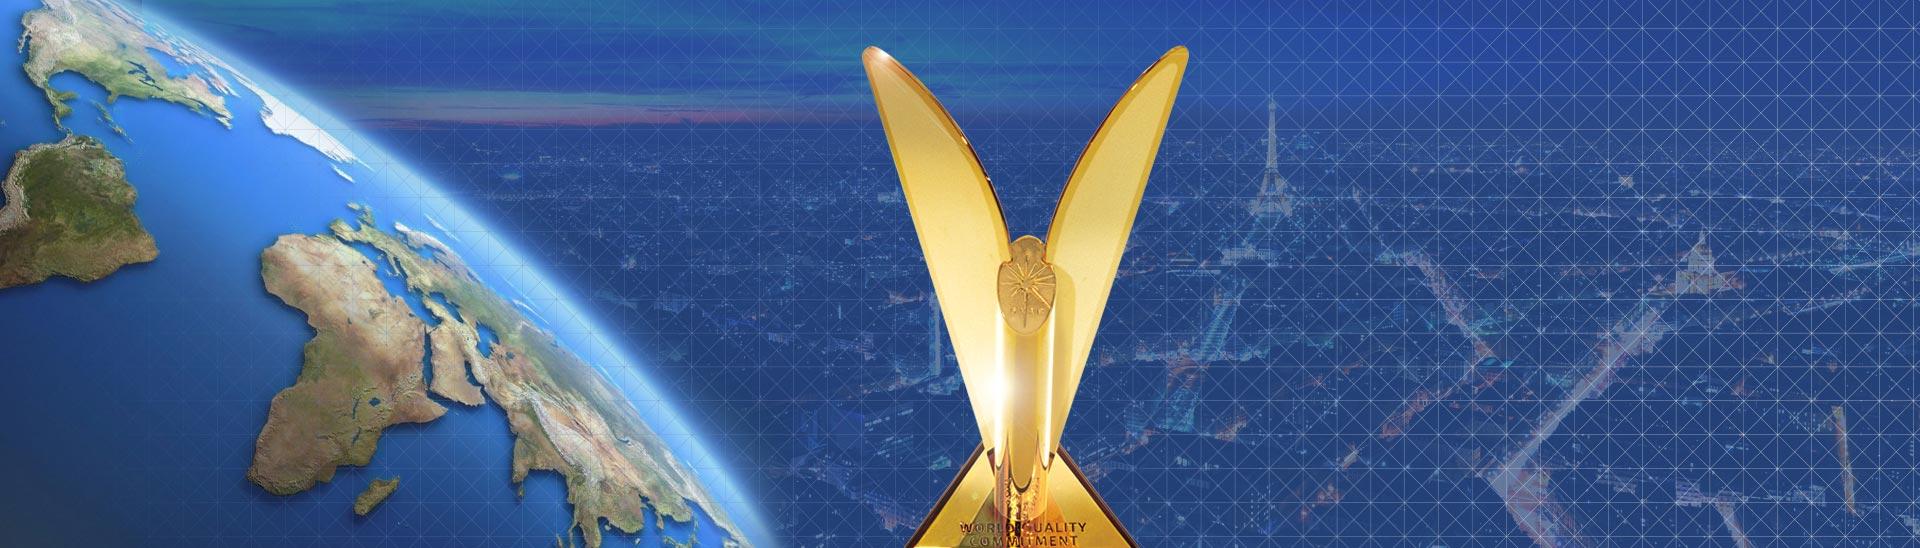 Brasileiros em Ushuaia foi premiada e irá receber o World Quality Commitment Award (WQC) na categoria GOLD durante a Convenção anual de qualidade do BID, que acontecerá em Madri, Espanha, no próximo dia 23 de setembro. Este prêmio é o resultado da pesquisa e análise realizada por Quality Hunters, líderes, empresários e especialistas em qualidade liderados pelo BID